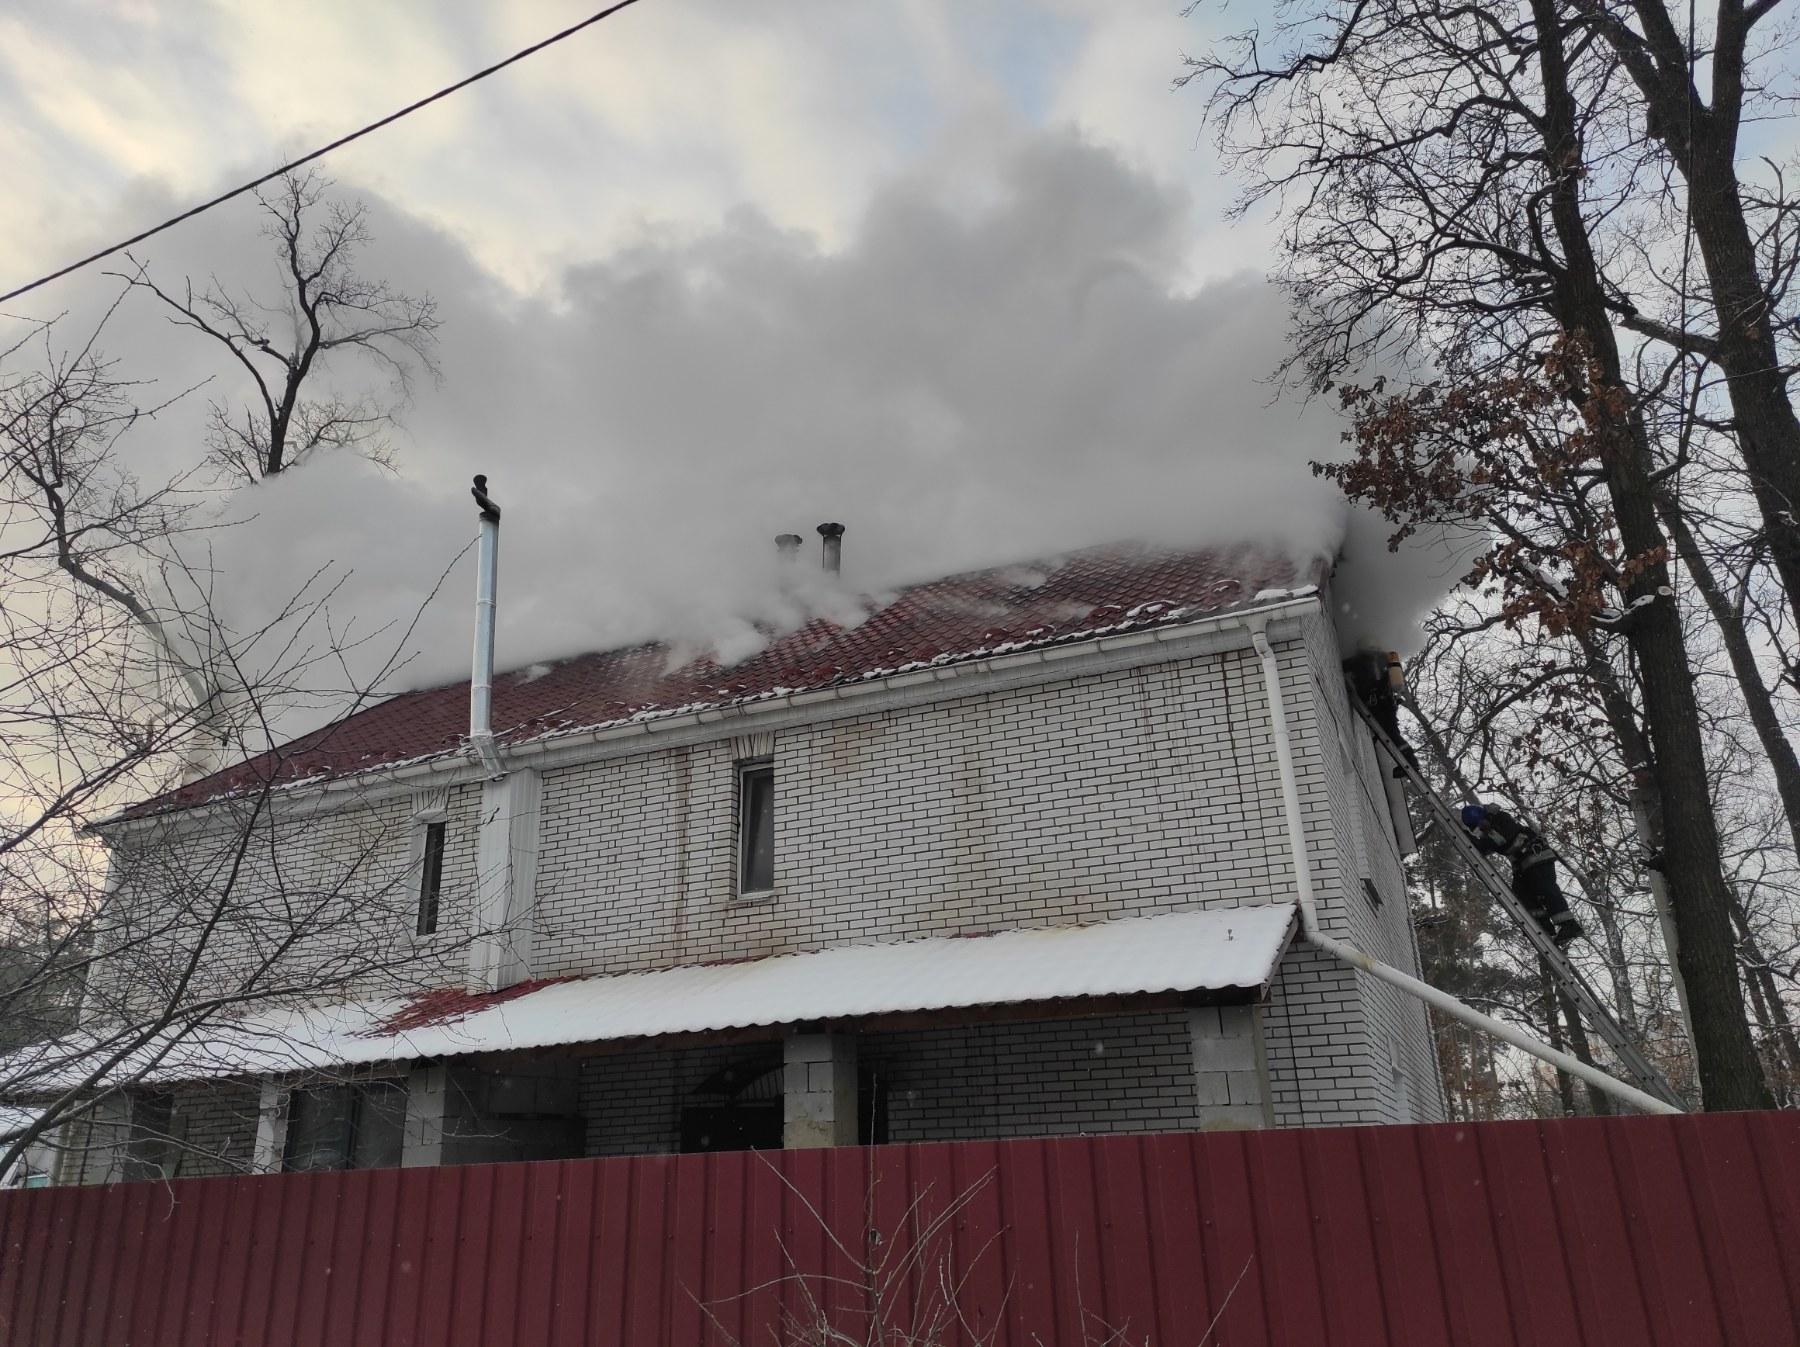 У Бучі вогонь спалахнув на горищі двоповерхівки - рятувальники, пожежа будинку, київщина, Бучанська ОТГ - Bucha Vysh